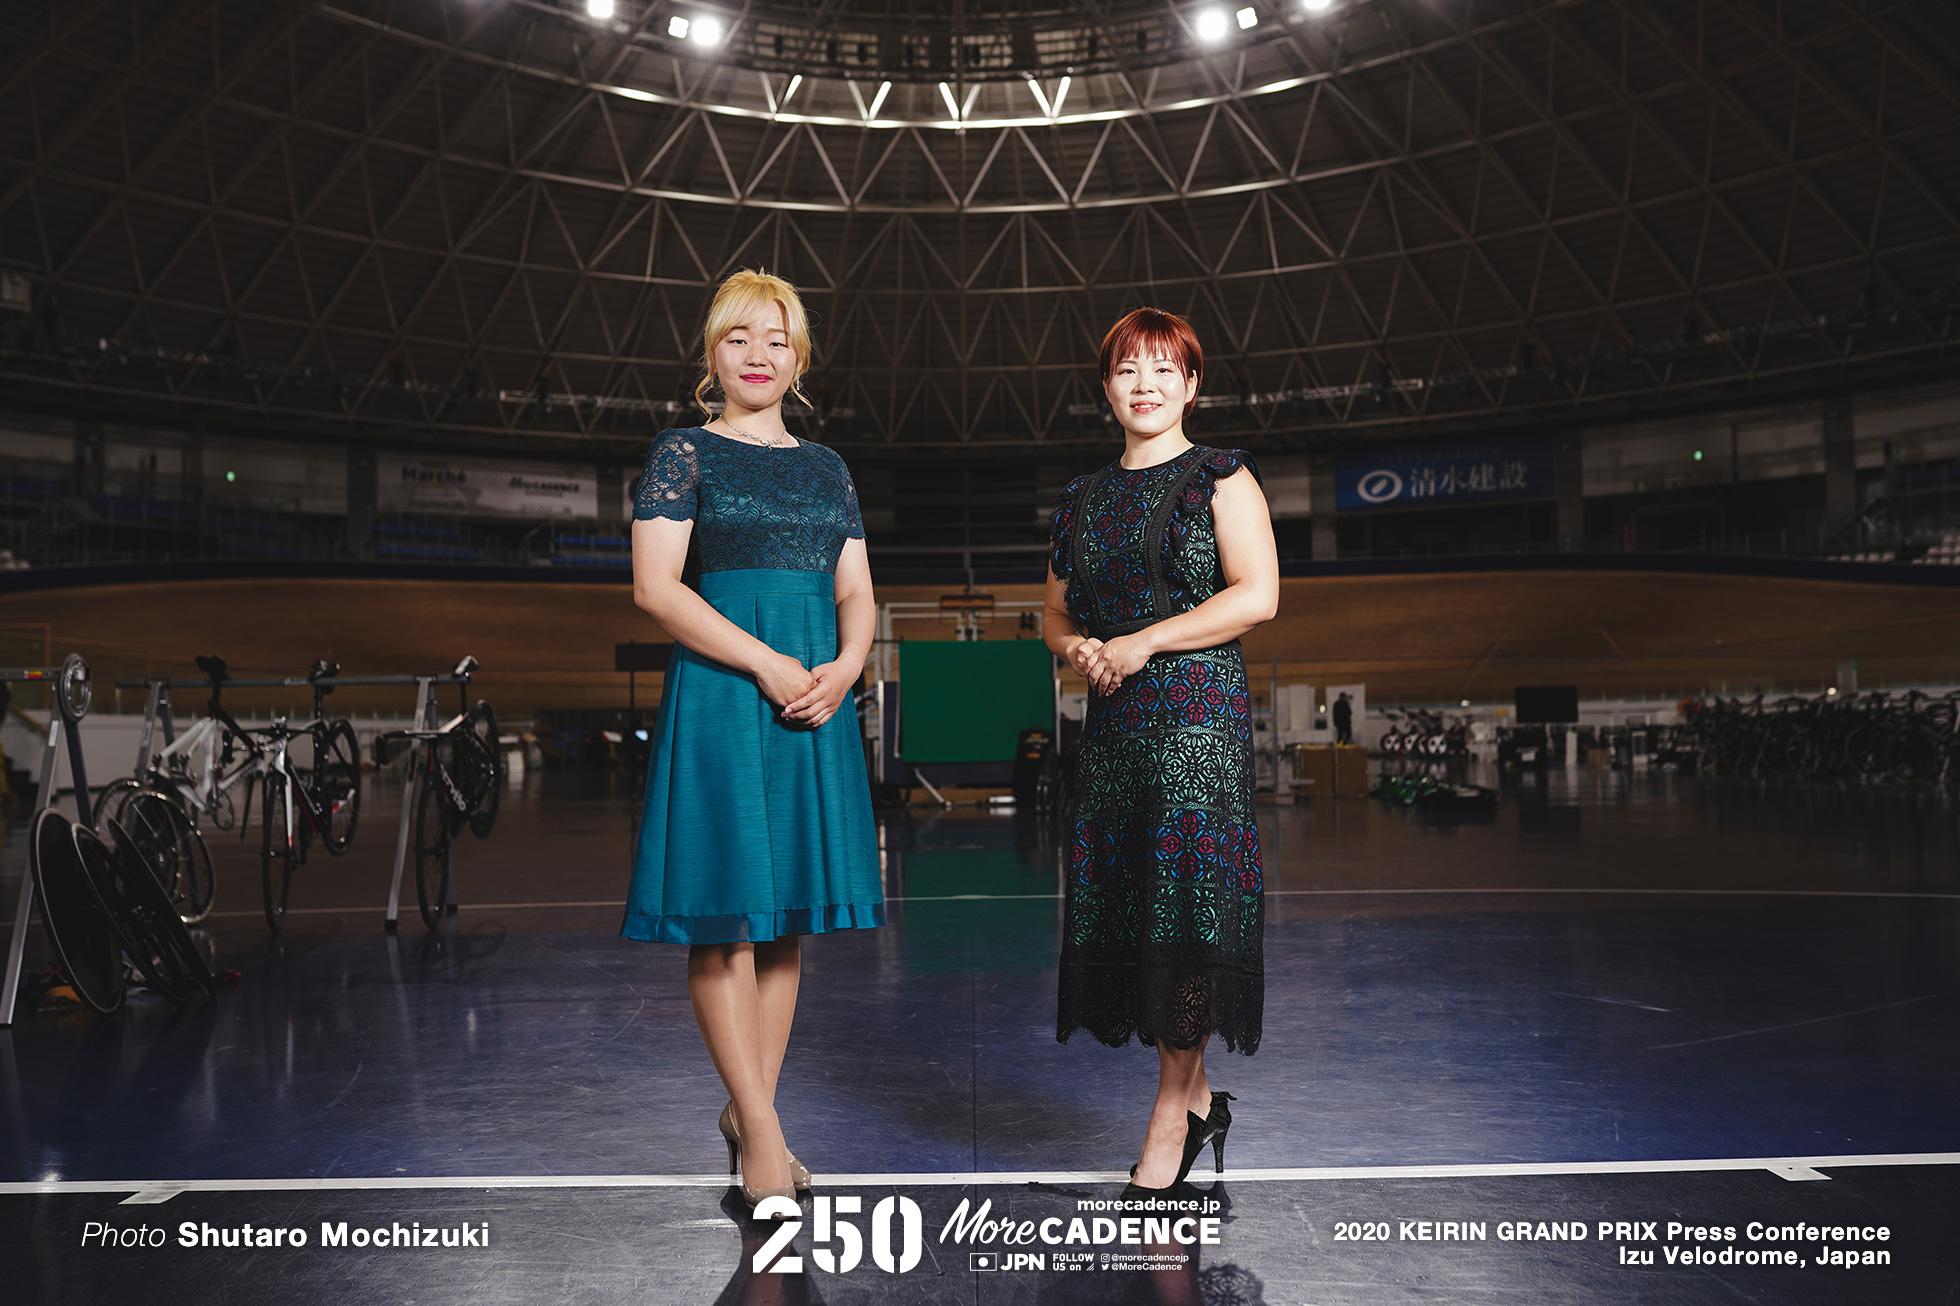 梅川風子&鈴木美教, KEIRINグランプリ2020前夜祭